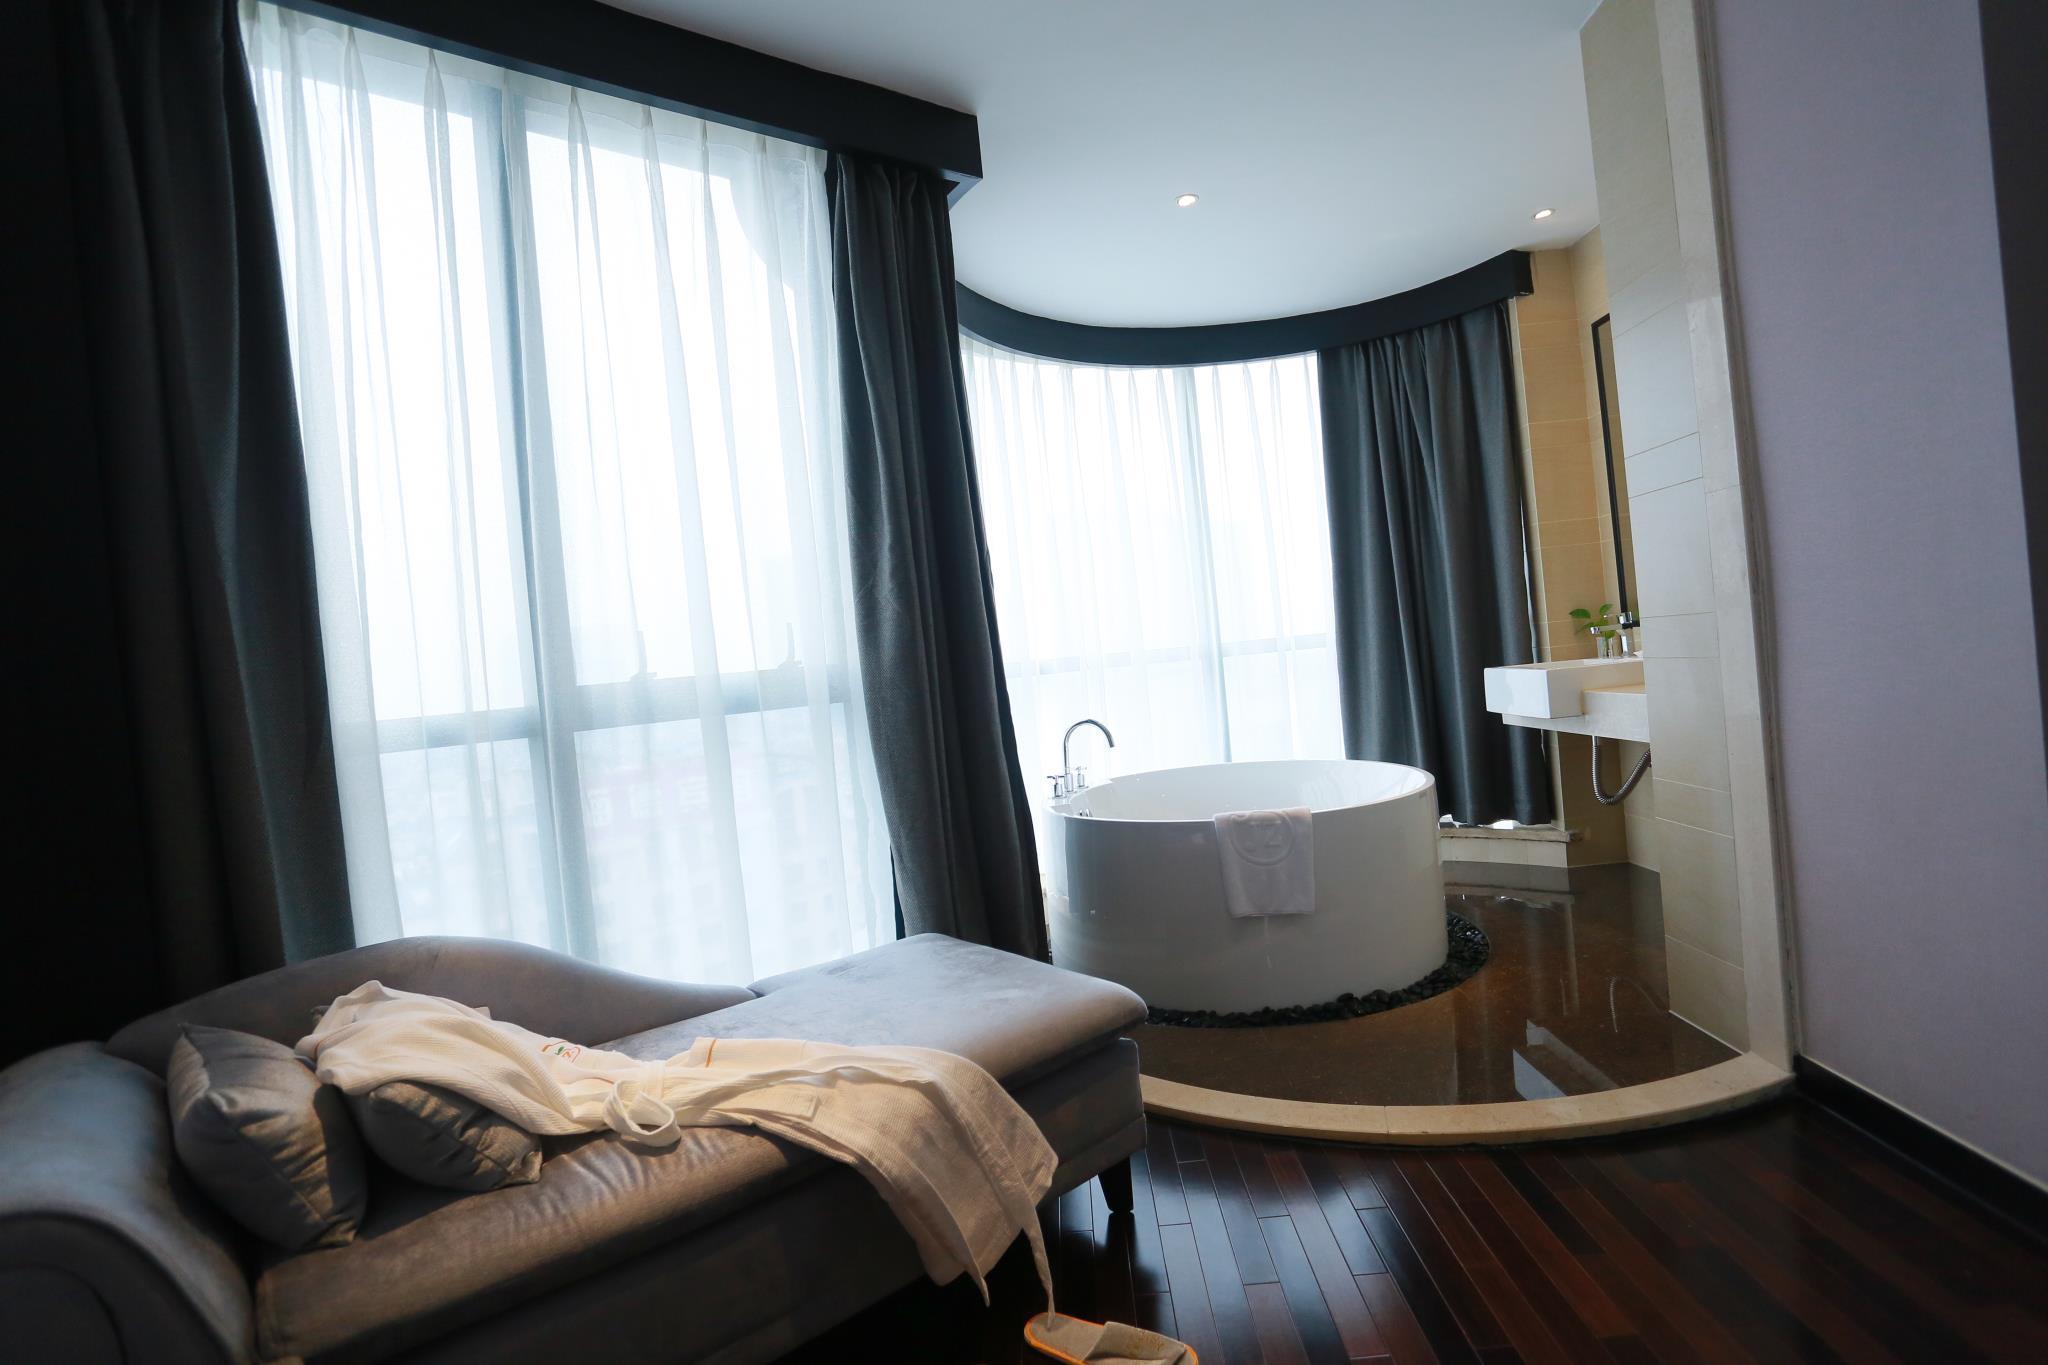 桔子精品复式酒店公寓地址,电话,价格,预订(图)-... -大众点评网